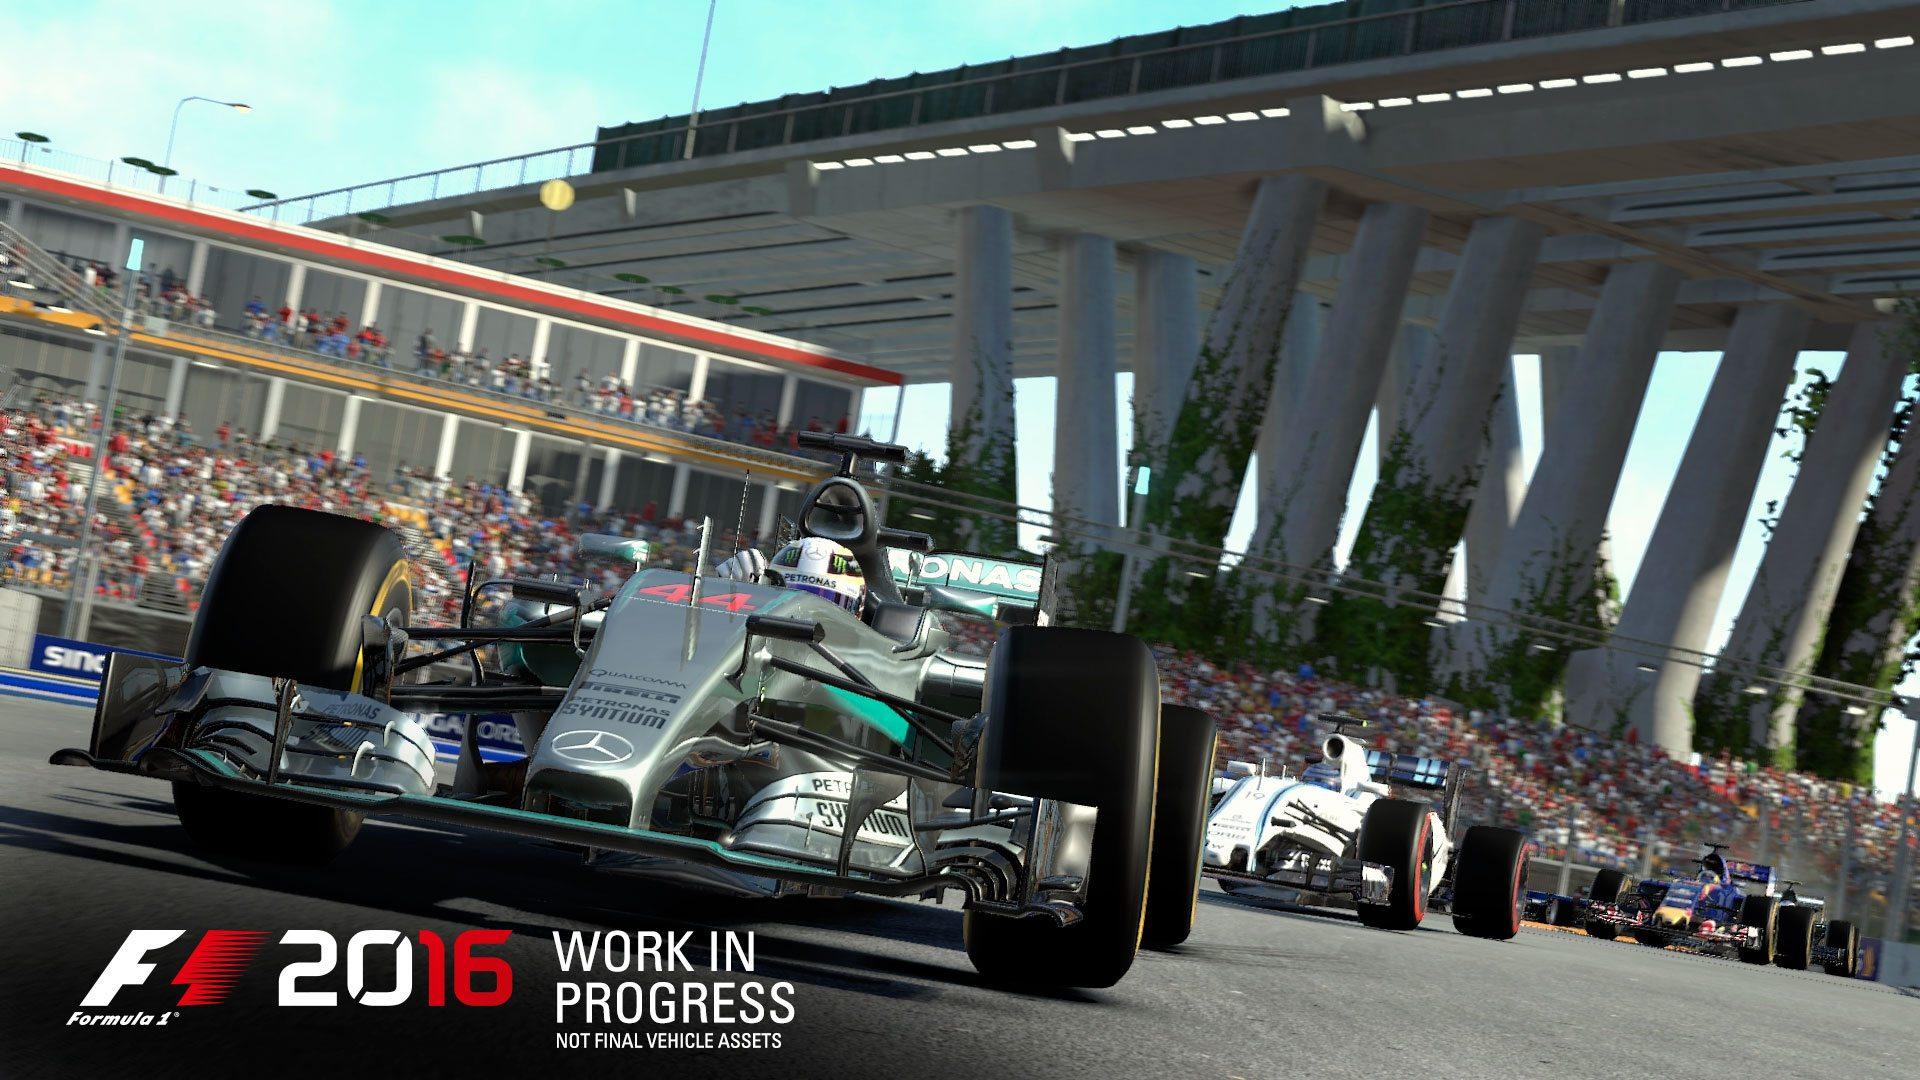 F1-2016-annunciato-testo-gamesoul